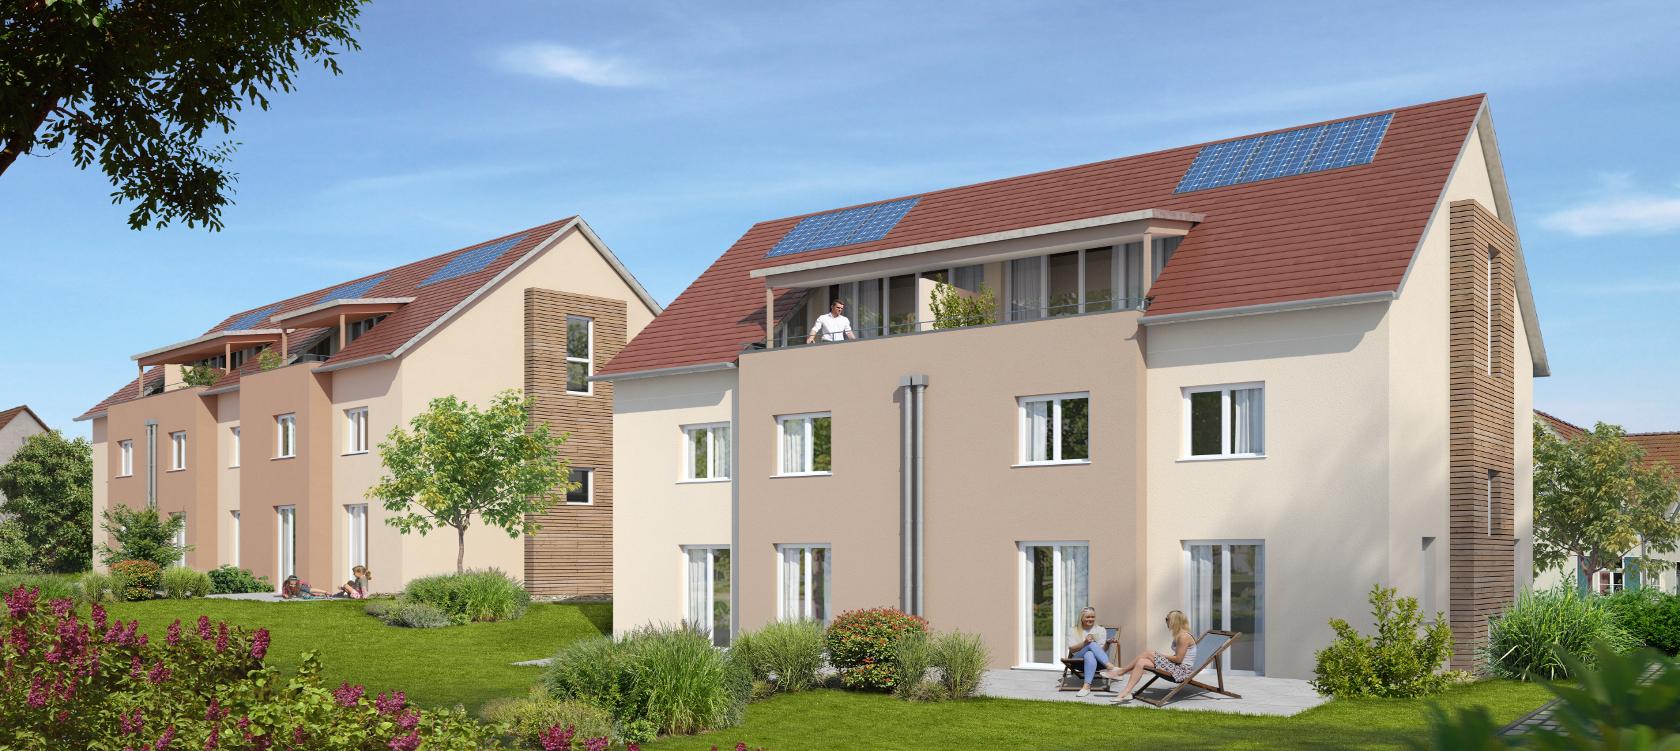 Schöner Wohnen Tamm Ortskern Reihenhaus Doppelhaus